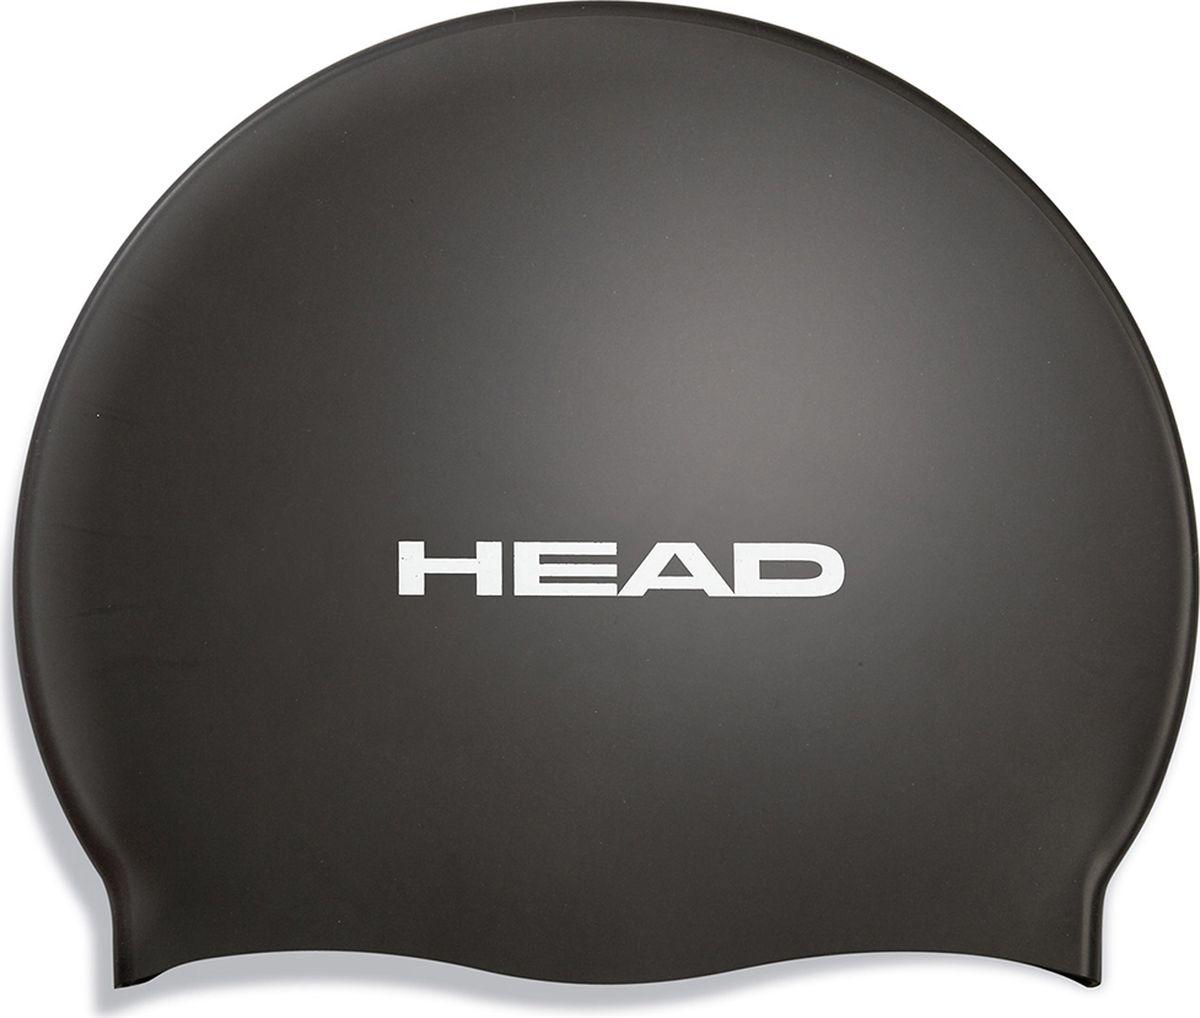 Шапочка для плавания HEAD Flat Single Color455003Классическая шапочка для плавания HEAD Flat Single Color, выполненная из силикона, плотнооблегает голову, обеспечивая комфортную и надежную посадку. Эта шапочка помогаетуменьшить сопротивление и увеличить мотивацию с помощью оригинального дизайна.